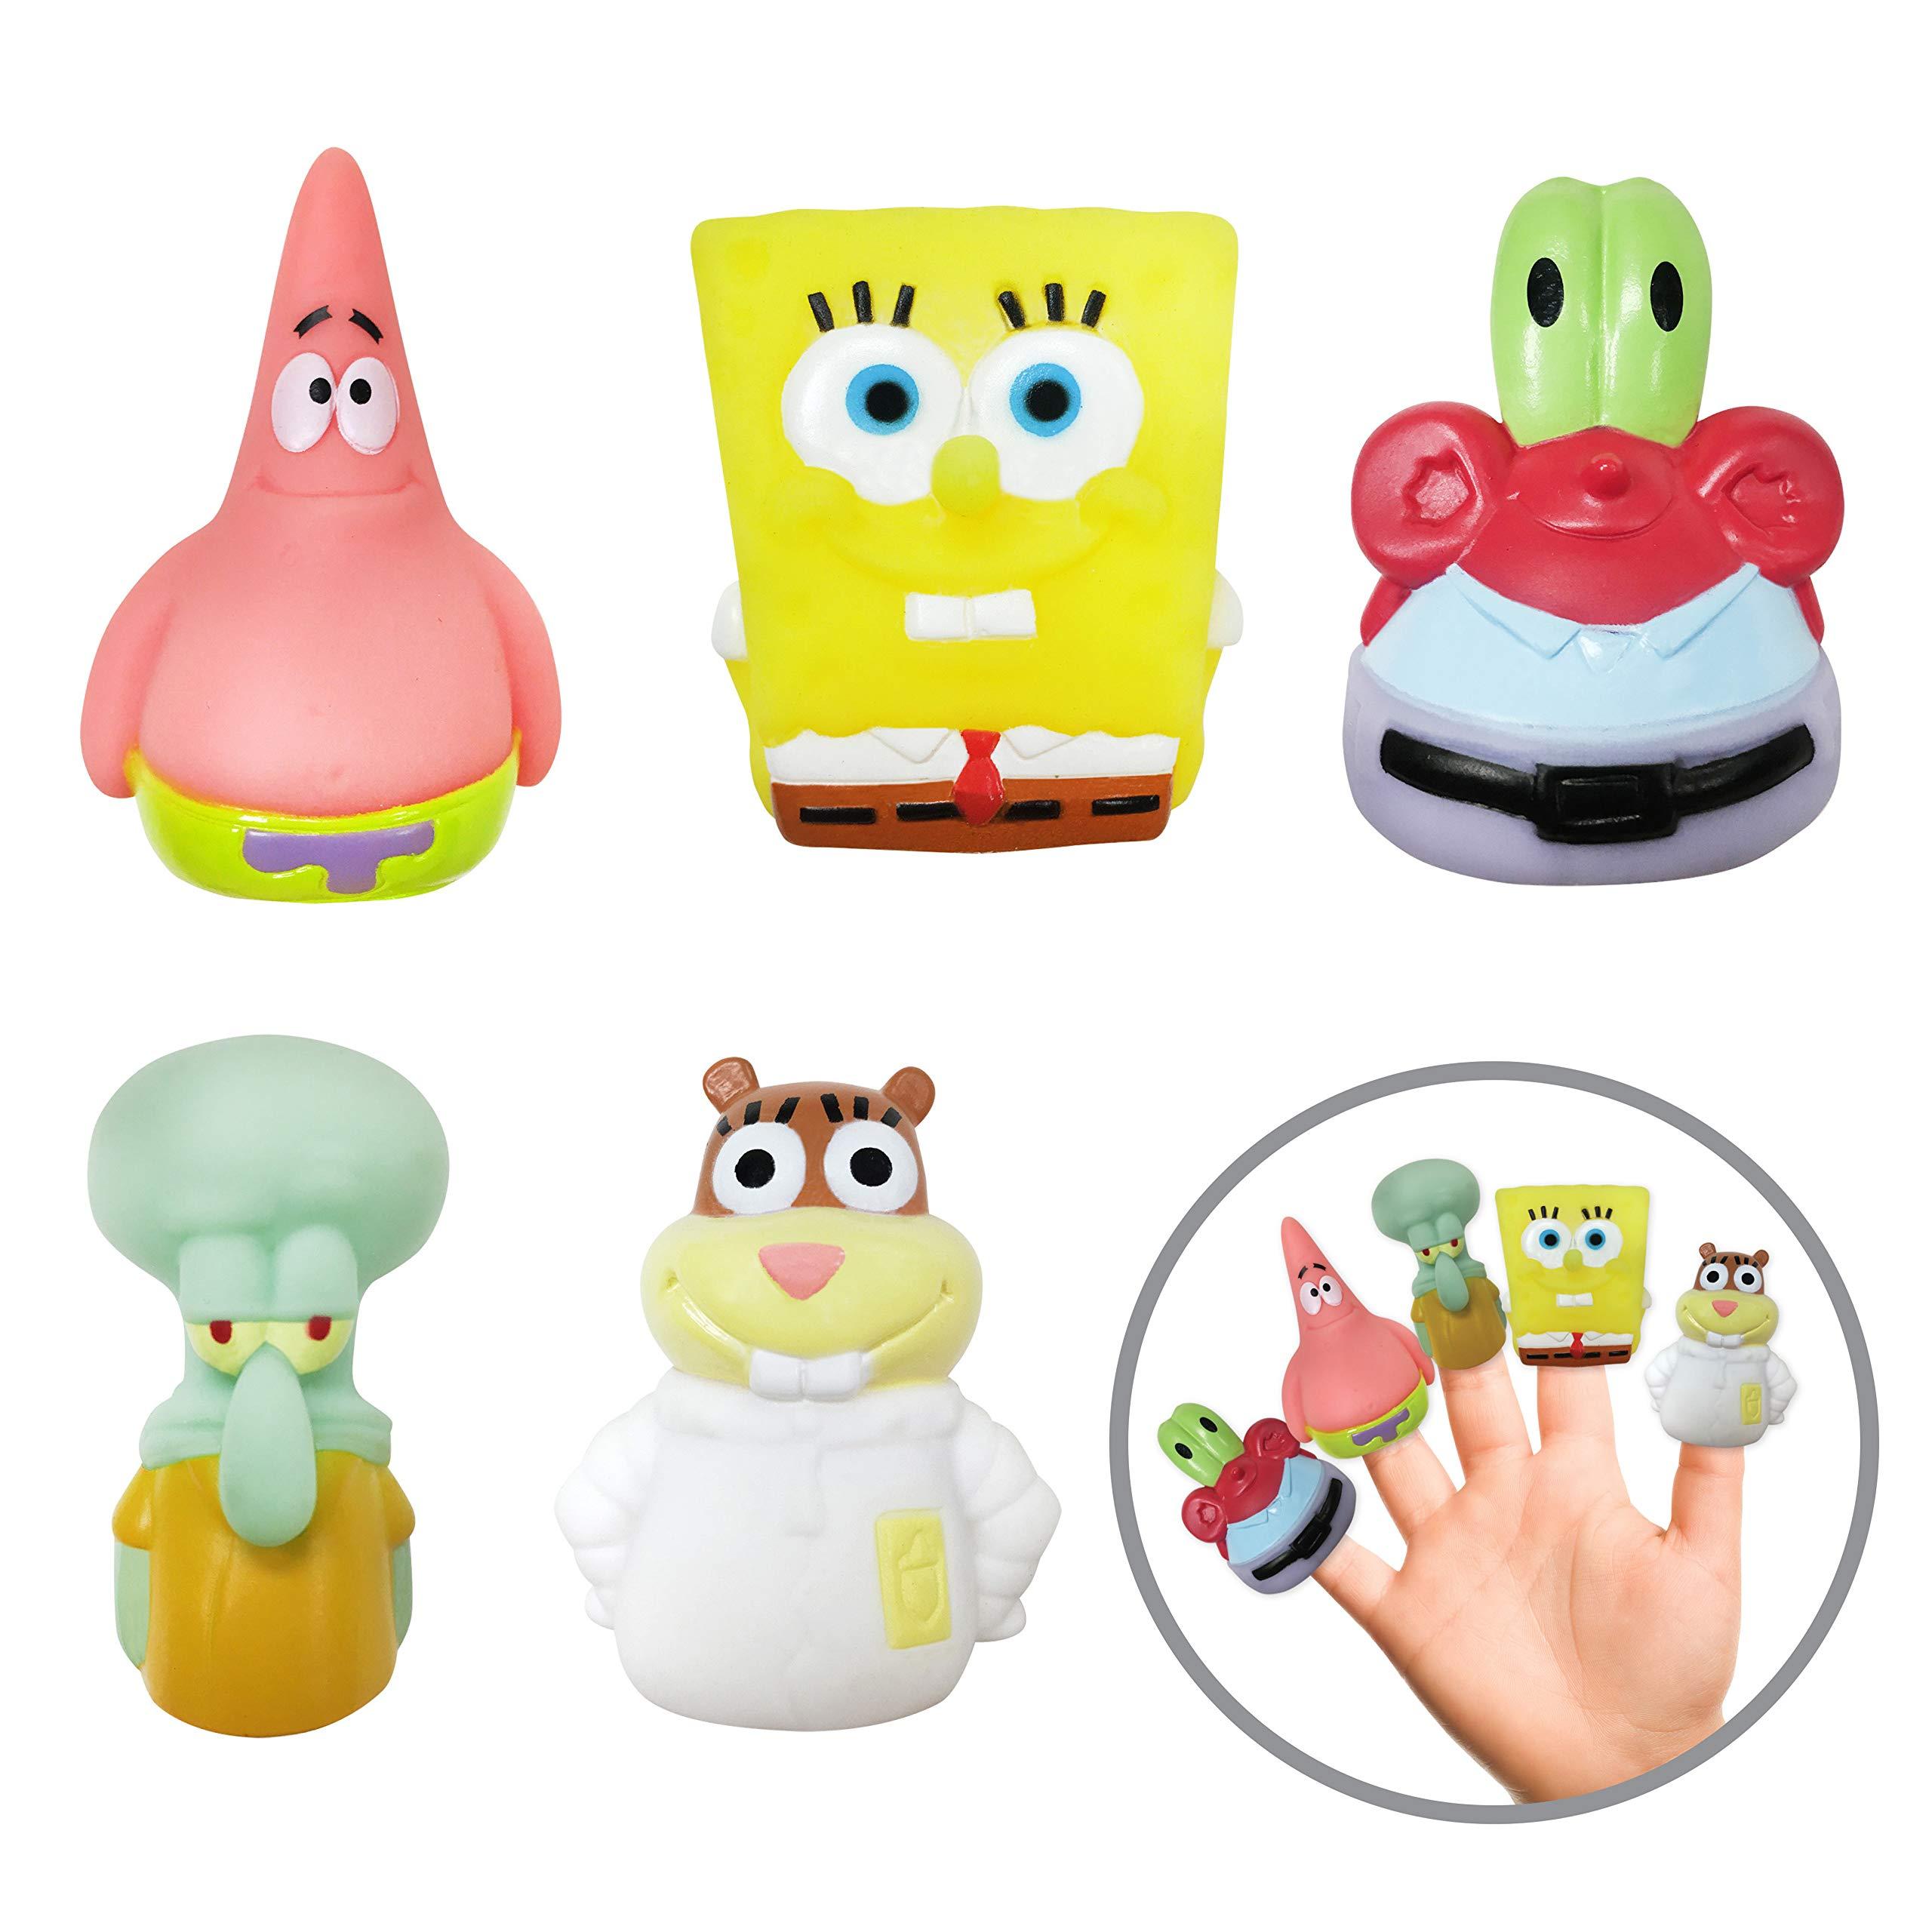 Nickelodeon Spongebob Finger Puppets